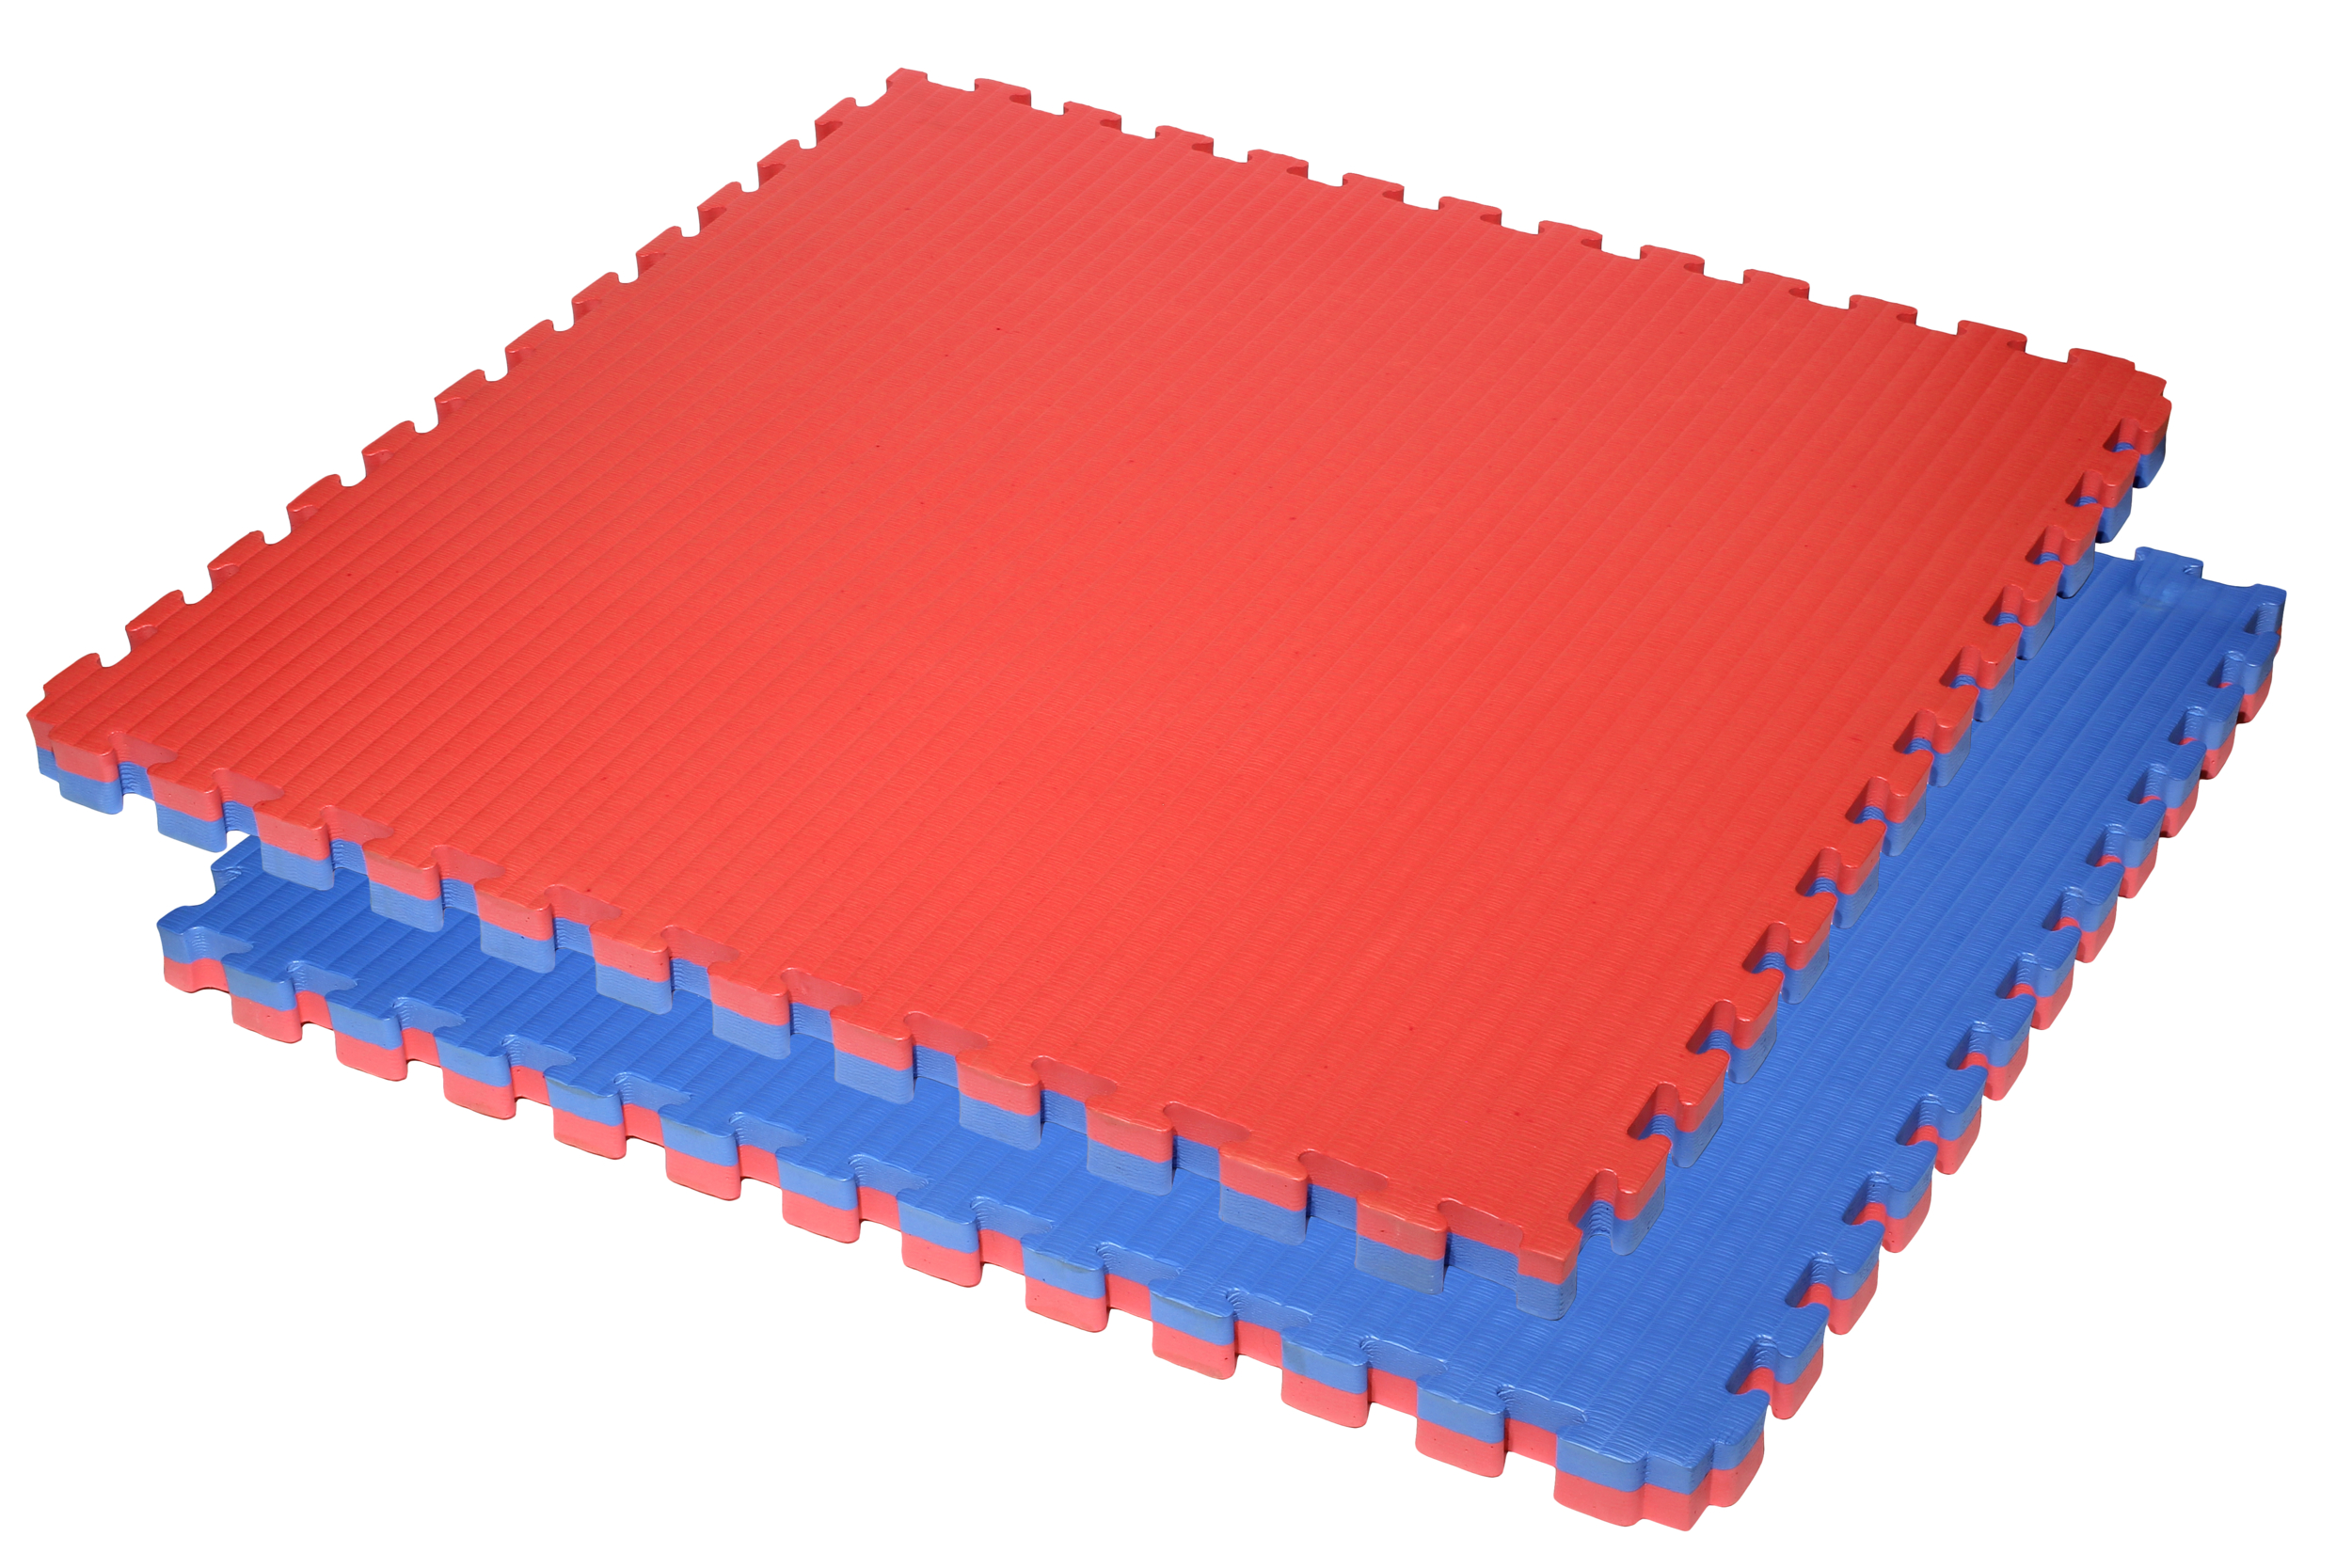 tatami-puzzle-finition-paille-de-riz-rouge-bleu